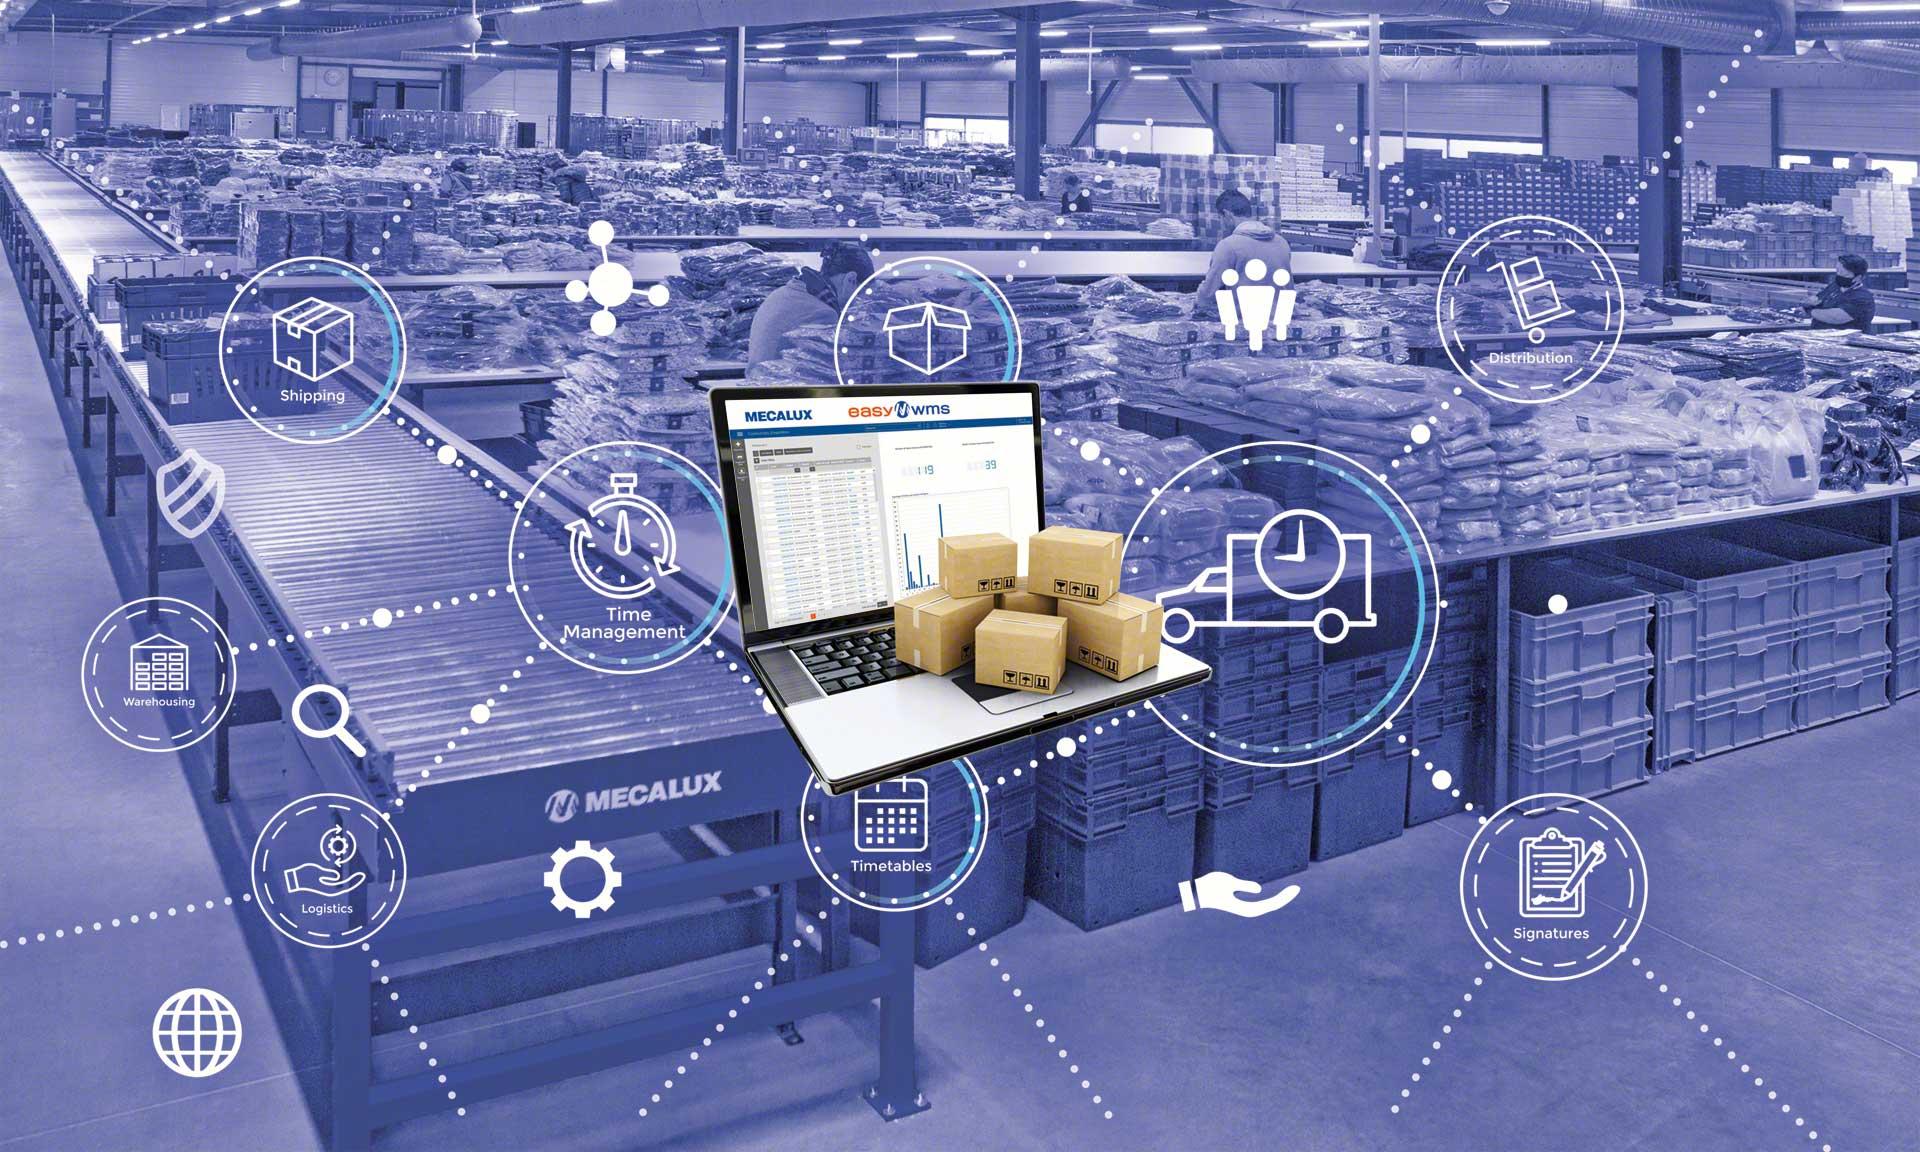 La gestión de inventario es una de las operativas básicas para el correcto funcionamiento de un e-commerce